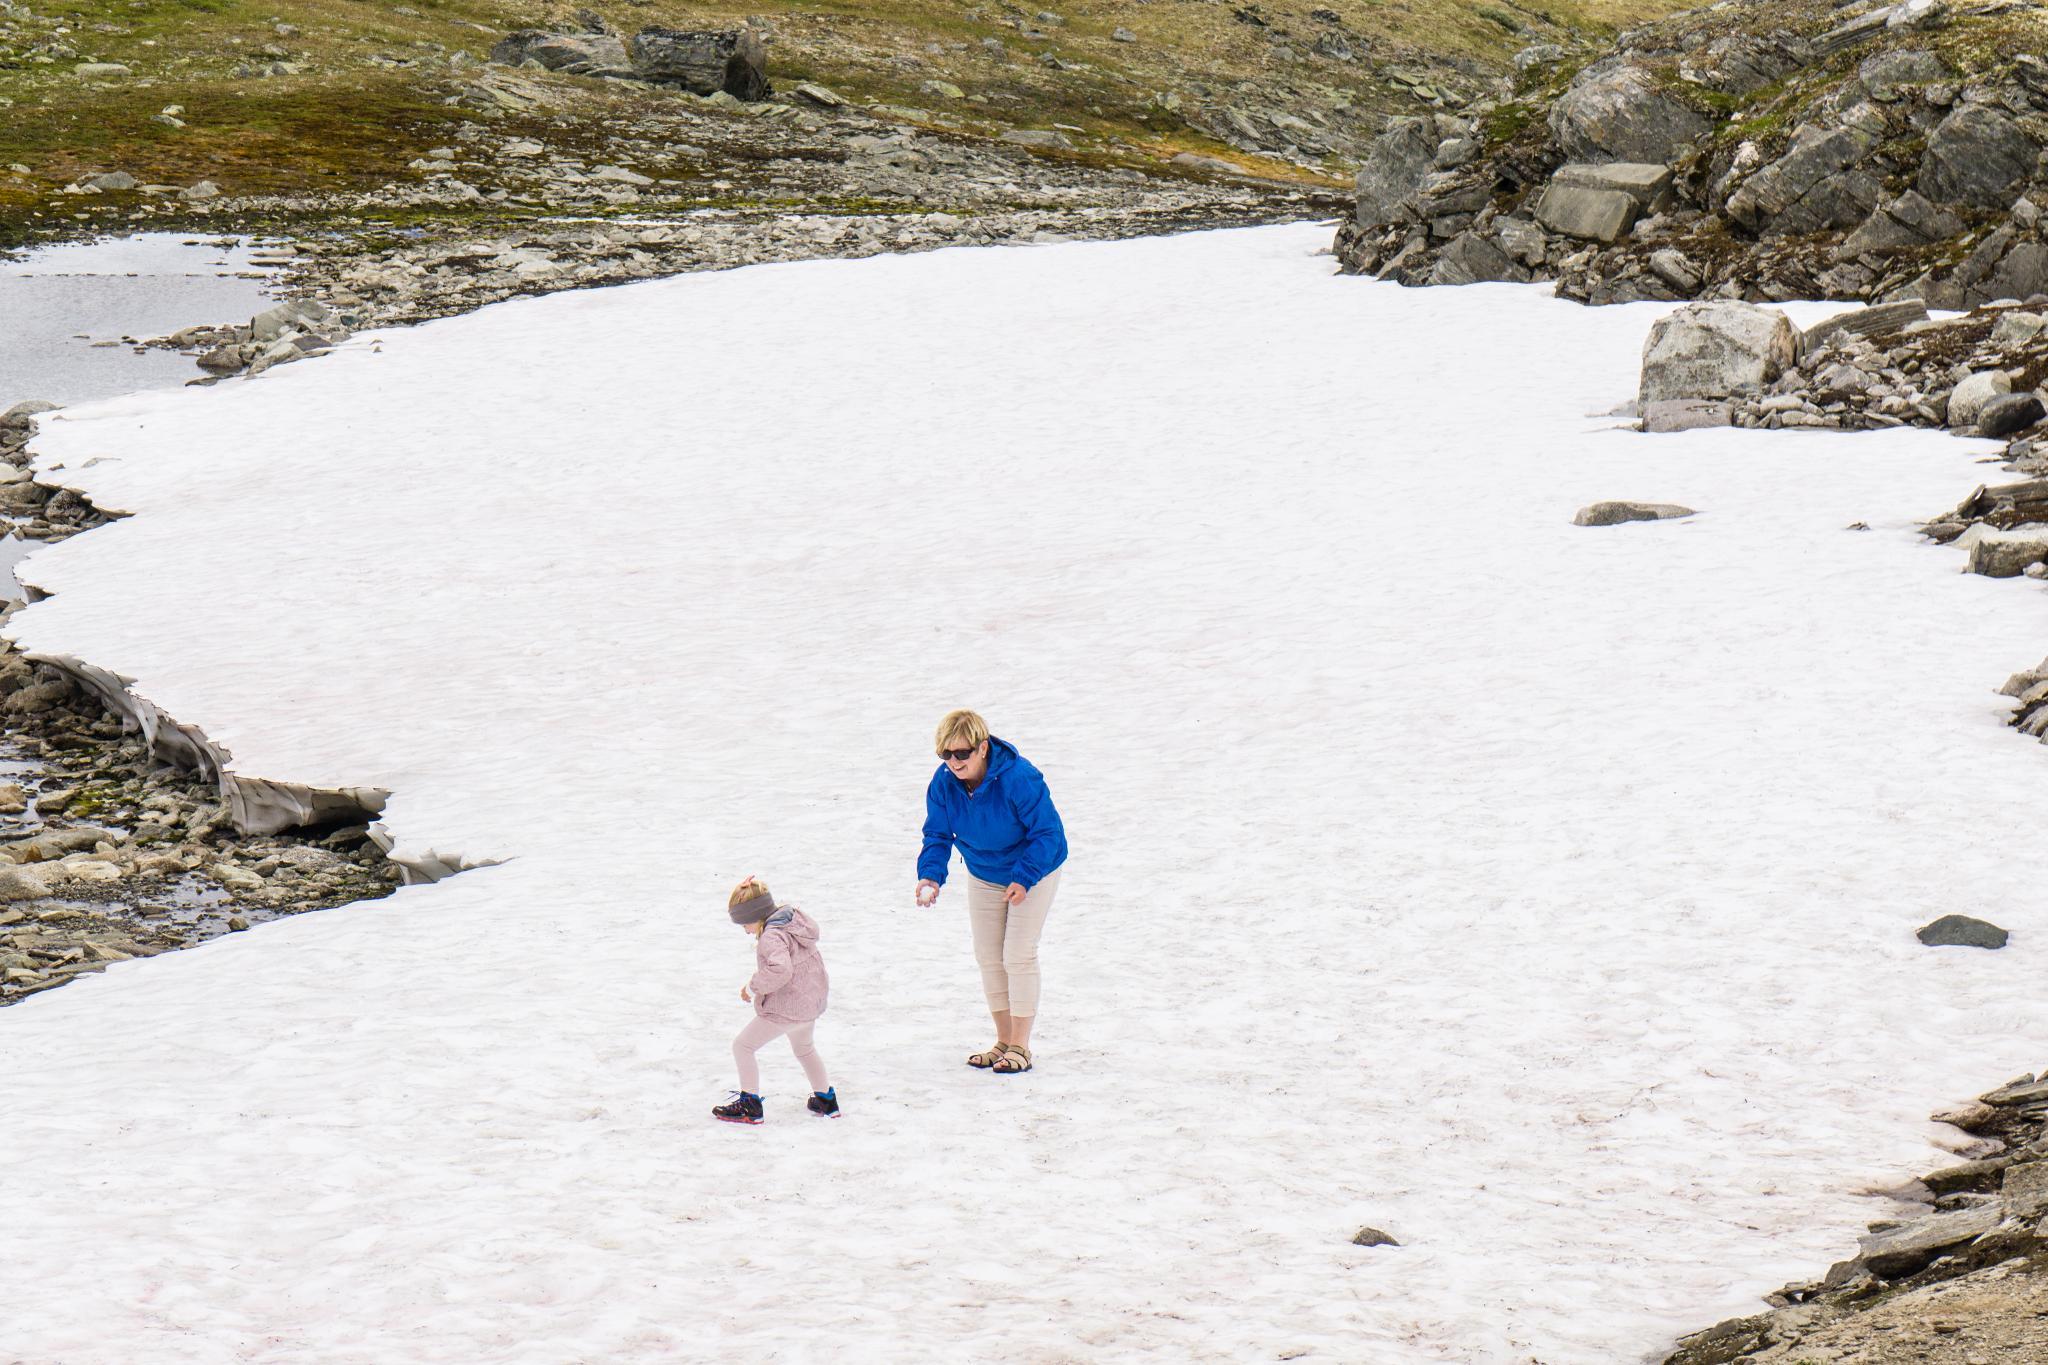 【北歐景點】穿越挪威的屋脊 - 前進北歐最美的冰原景觀公路 Fv55松恩山路 (Sognefjellet) 33